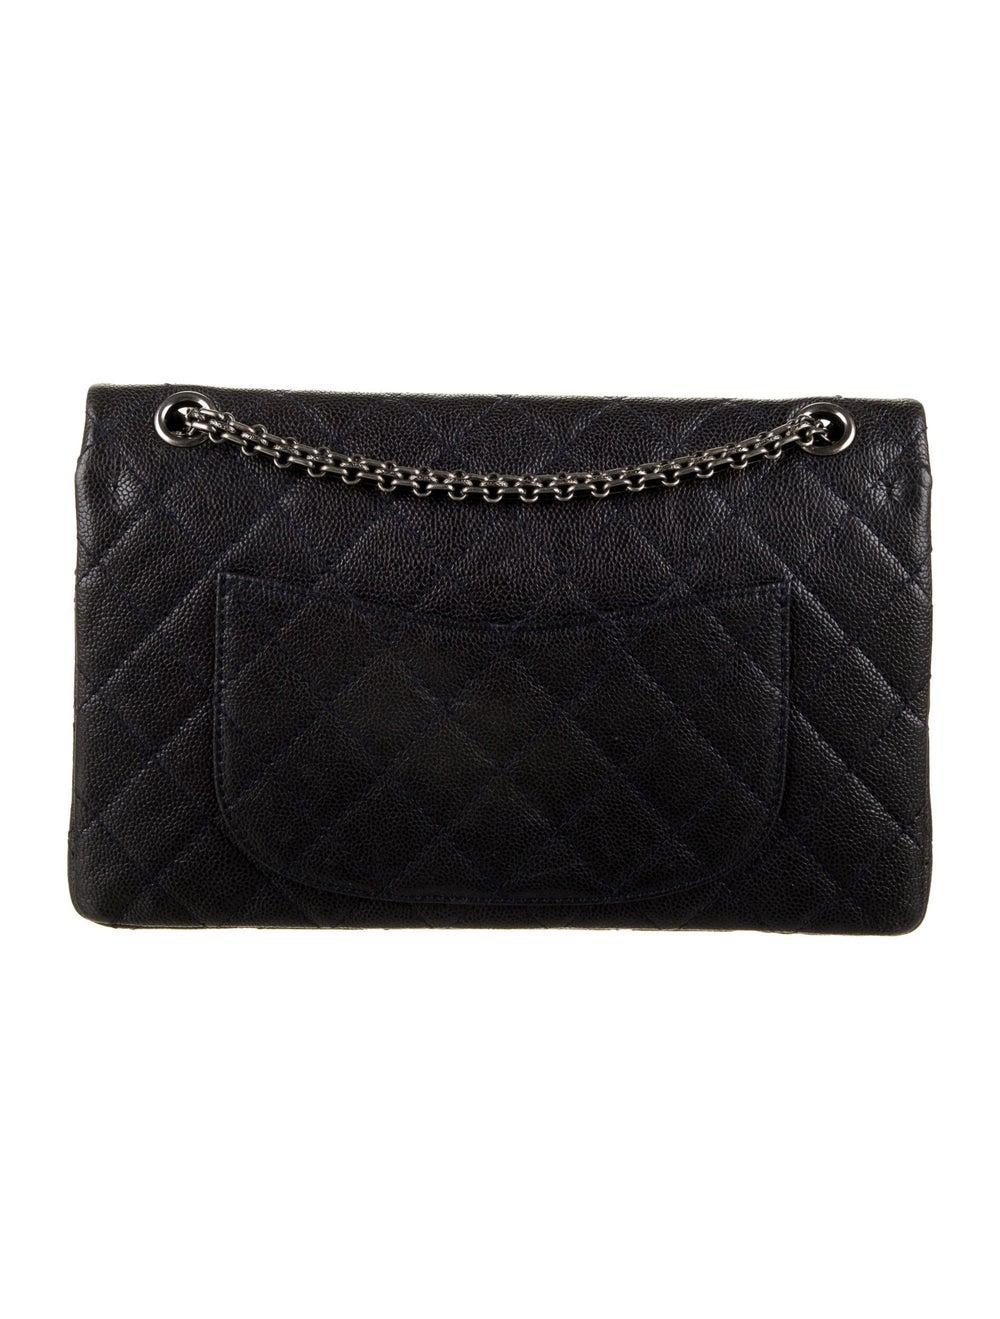 Chanel Vintage Reissue 226 Double Flap Bag Blue - image 4